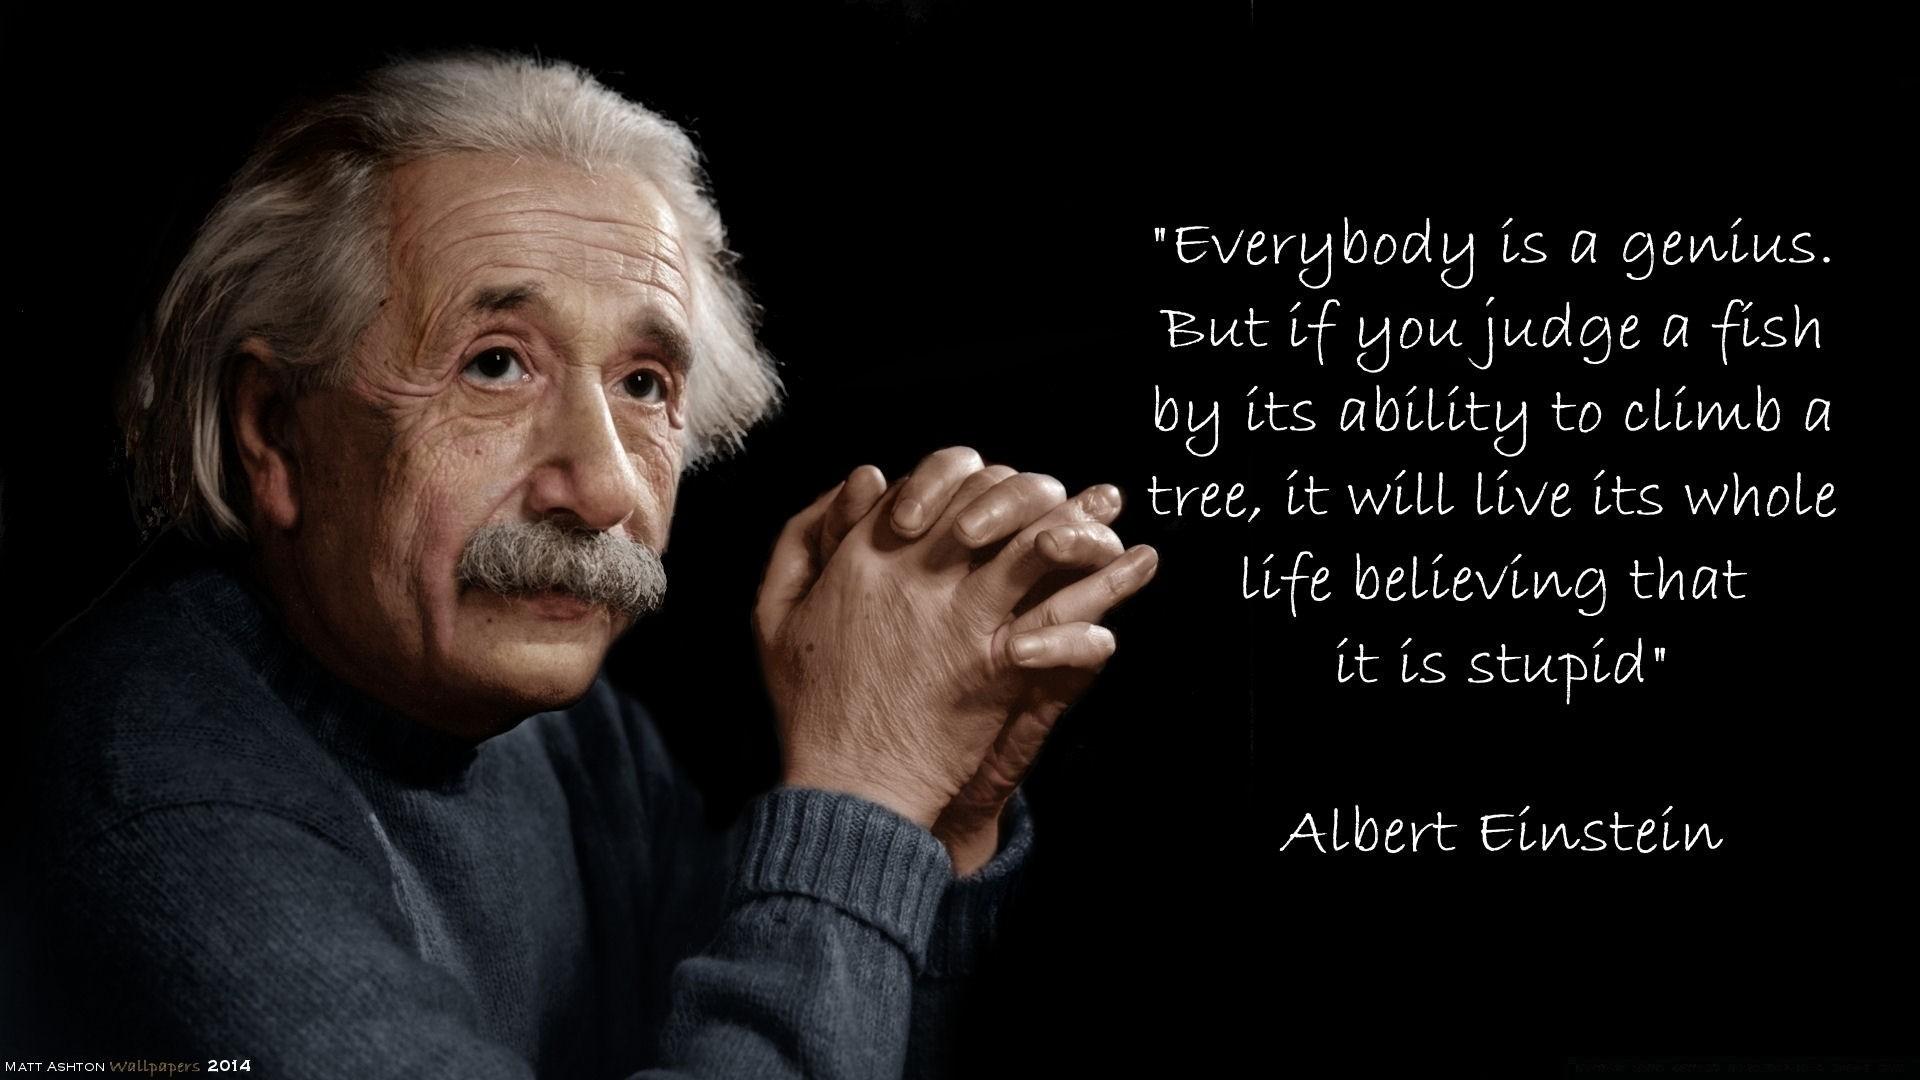 Albert Einstein download wallpaper image